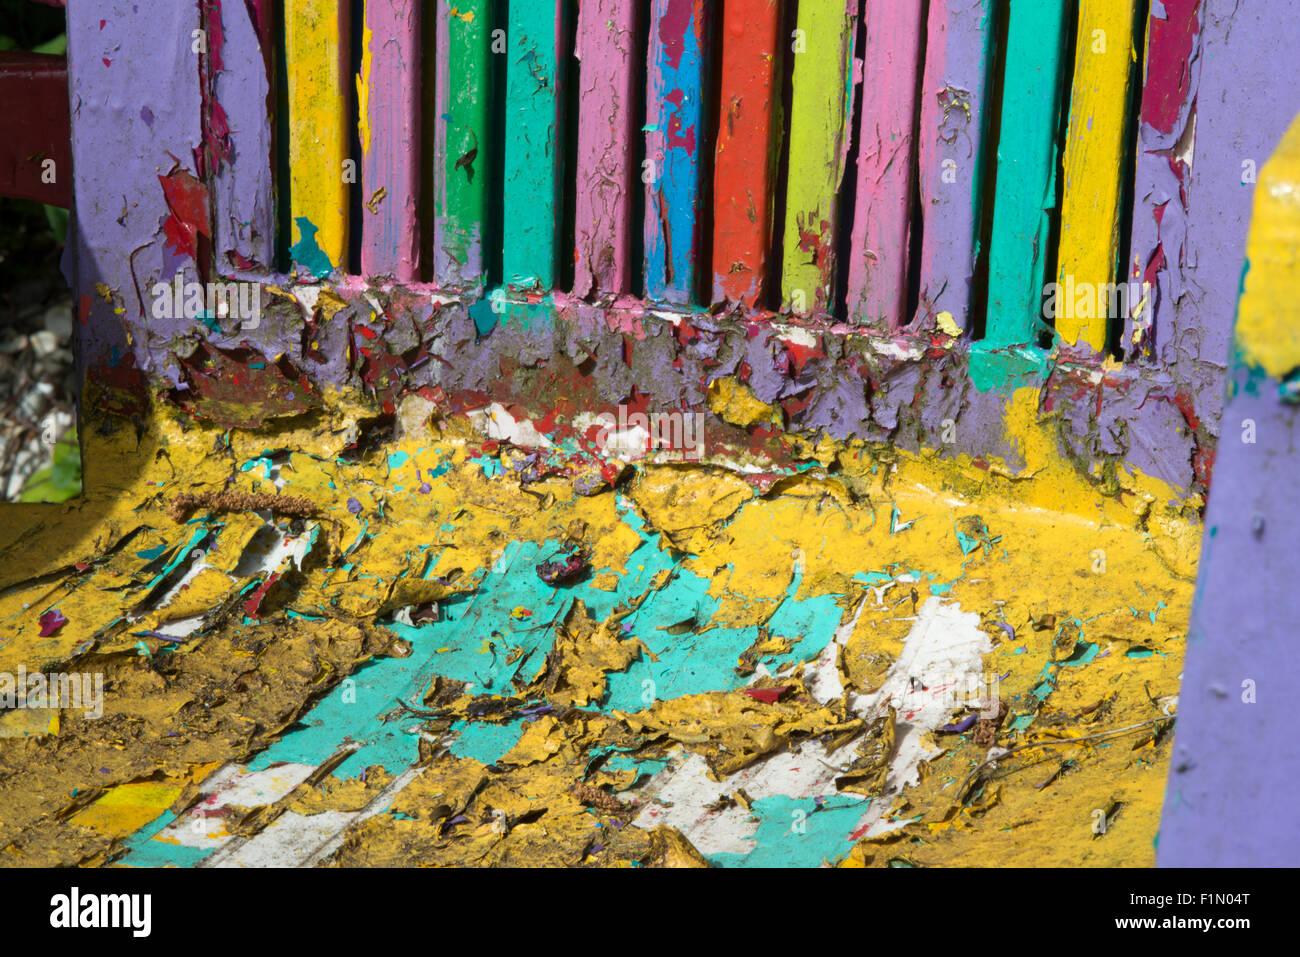 Bemalte Stühle bunt bemalte stühle im garten stockfoto bild 87127624 alamy